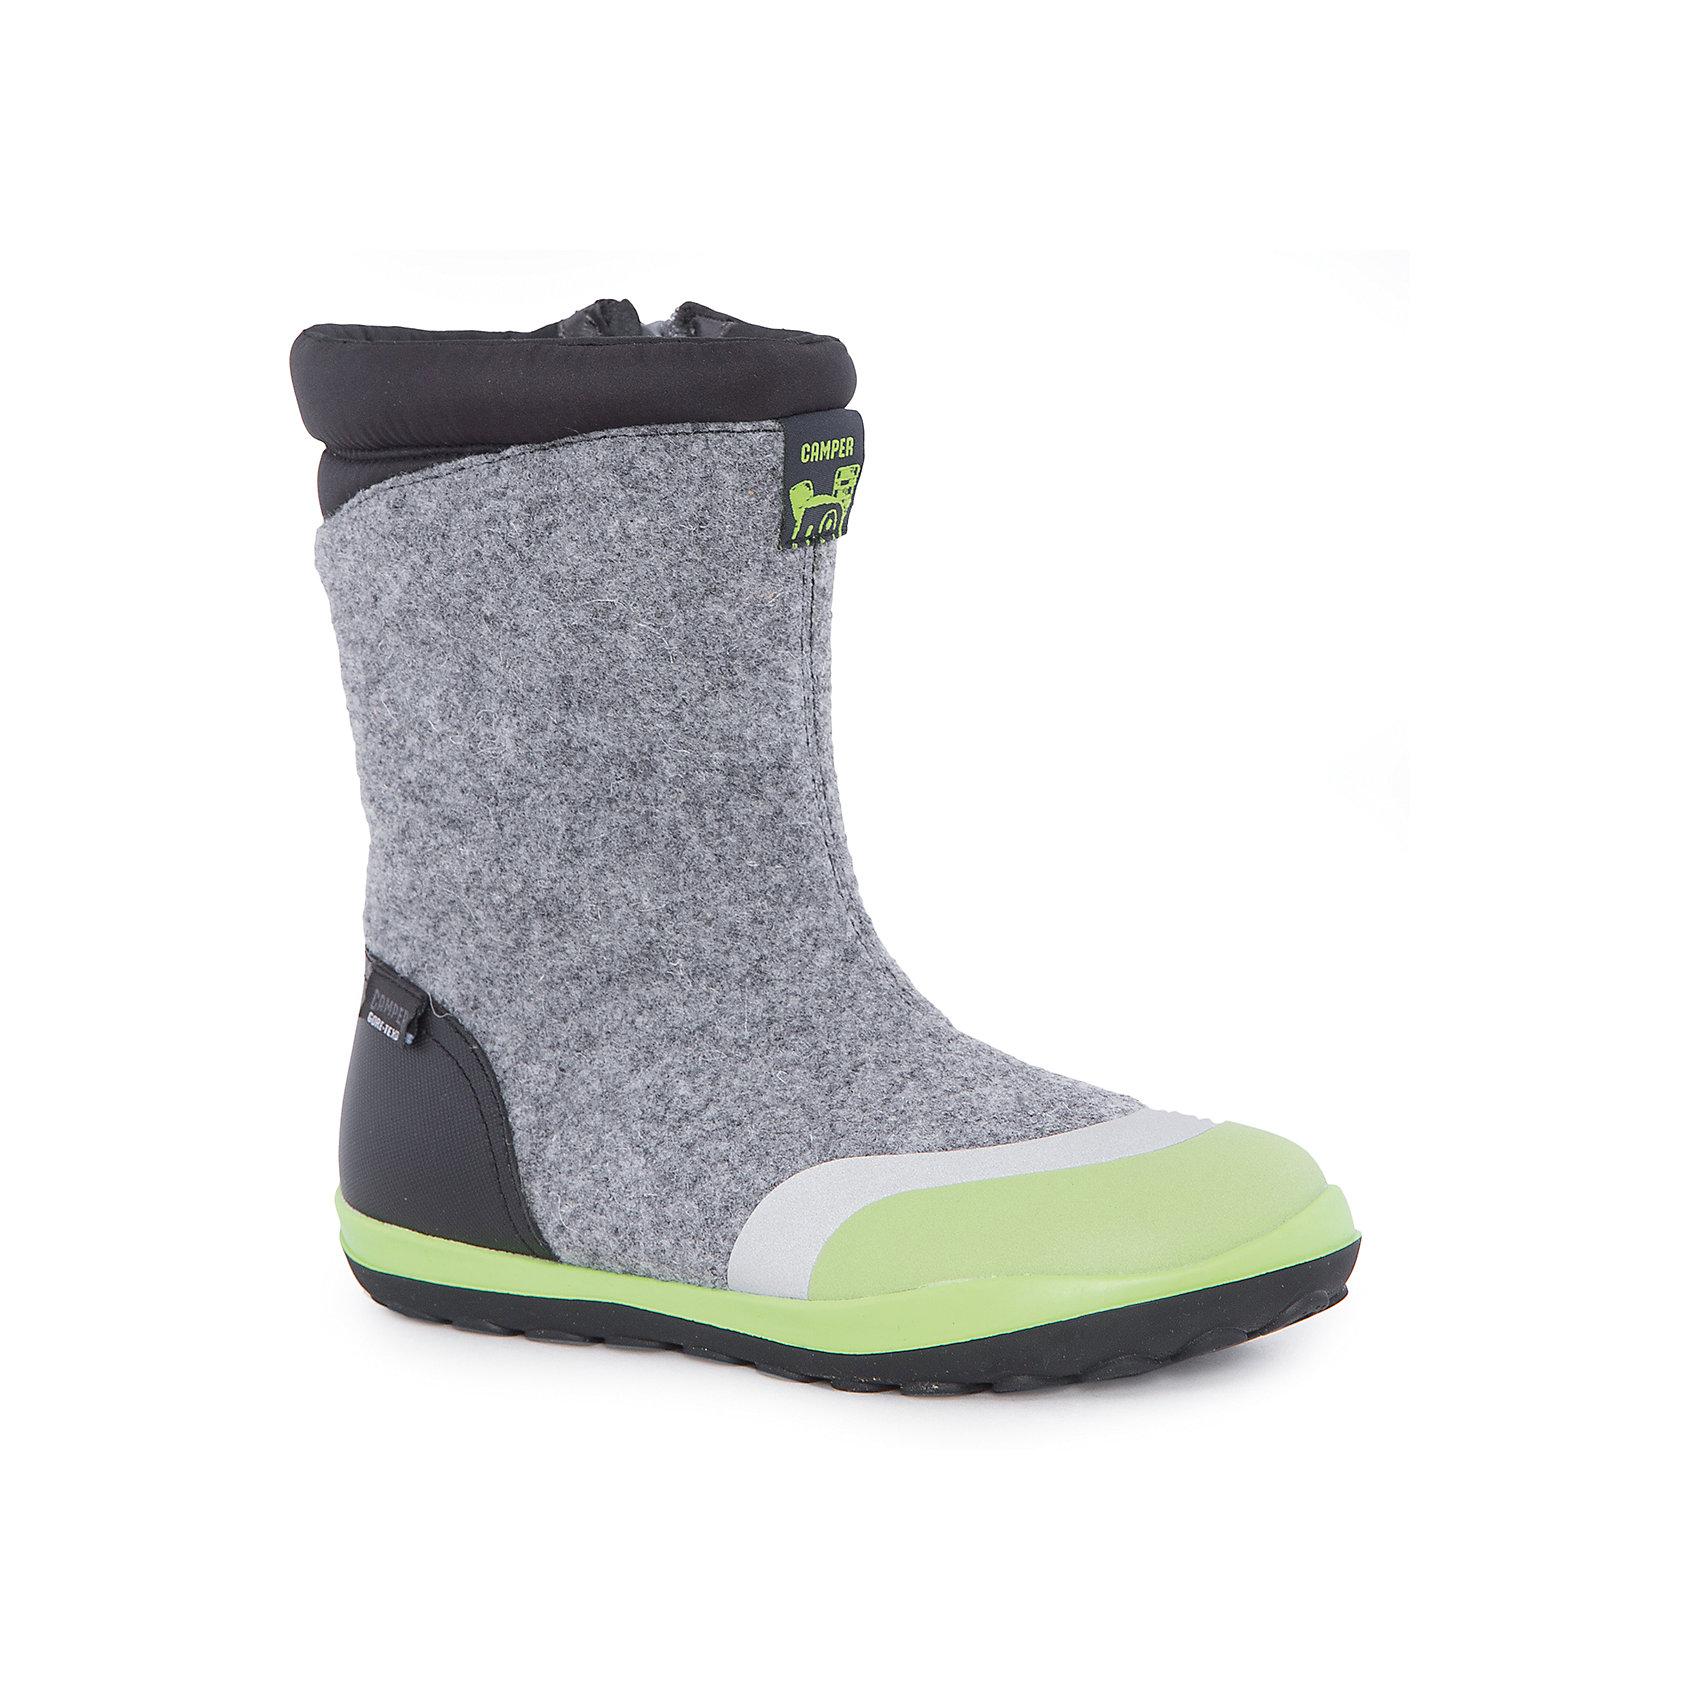 Валенки  CamperВаленки<br>Характеристики:<br><br>• Предназначение: повседневная обувь<br>• Сезон: зима<br>• Пол: универсальный<br>• Цвет: серый, черный, салатовый<br>• Материал верха и стельки: кожа, войлок<br>• Материал подошвы: резина<br>• Тип каблука и подошвы: плоская<br>• Тип застежки: молния боковая<br>• Уход: удаление загрязнений мягкой тканью или щеткой для обуви<br><br>Сапоги Camper изготовлены испанским торговым брендом, специализирующимся на производстве обуви премиум-класса. Детская обувь Camper учитывает анатомические особенности детской растущей ноги, поэтому при ее изготовливлениииспользуются материалы самого высокого качества. Сапоги выполнены из сочетания кожи и войлока, все элементы верха прошиты. Эта модель обуви выполнена с повышенным внутренним утеплением. Сапоги классического стиля представлены в ярком дизайне. Обувь отличается высокой прочностью, износостойкостью, но при этом легким весом и гибкостью. <br><br>Сапоги Camper можно купить в нашем интернет-магазине.<br><br>Ширина мм: 257<br>Глубина мм: 180<br>Высота мм: 130<br>Вес г: 420<br>Цвет: разноцветный<br>Возраст от месяцев: 120<br>Возраст до месяцев: 132<br>Пол: Унисекс<br>Возраст: Детский<br>Размер: 34,38,32,33,36,31,35,37<br>SKU: 4974973